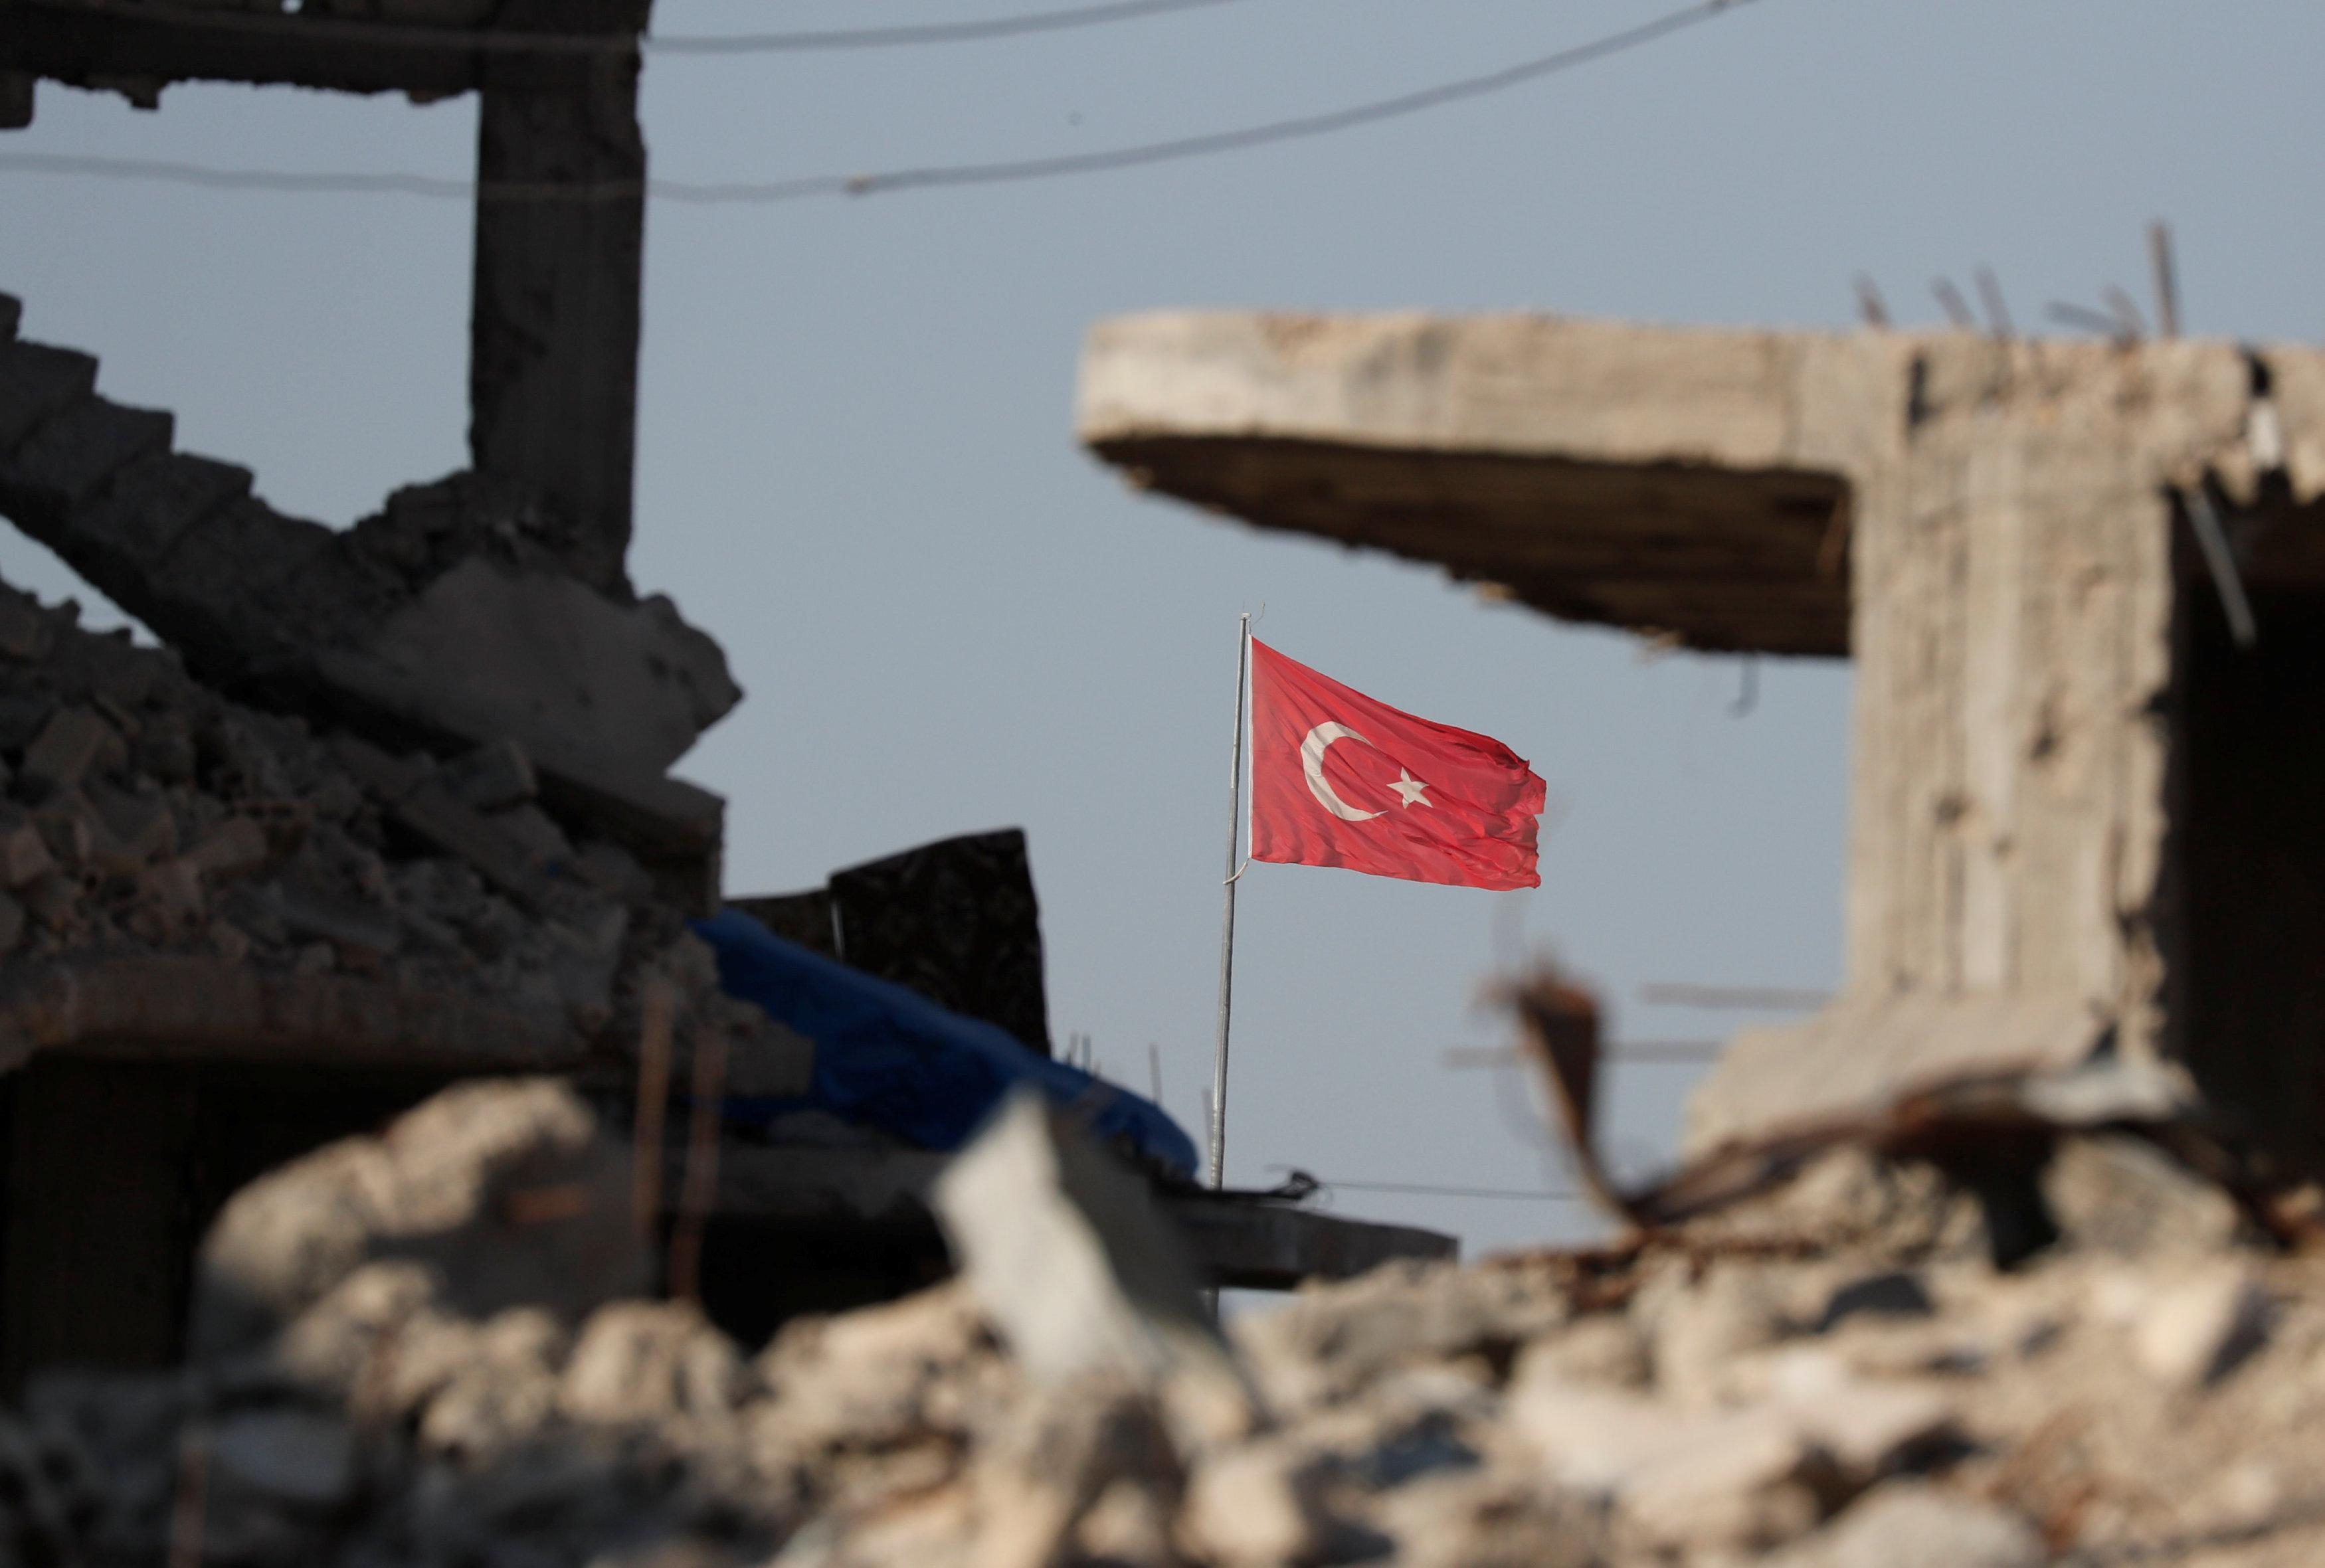 Η Τουρκία δηλωνει οτι αν καταλάβει το Αφρίν δεν θα το παραδώσει στην Συρία   tovima.gr